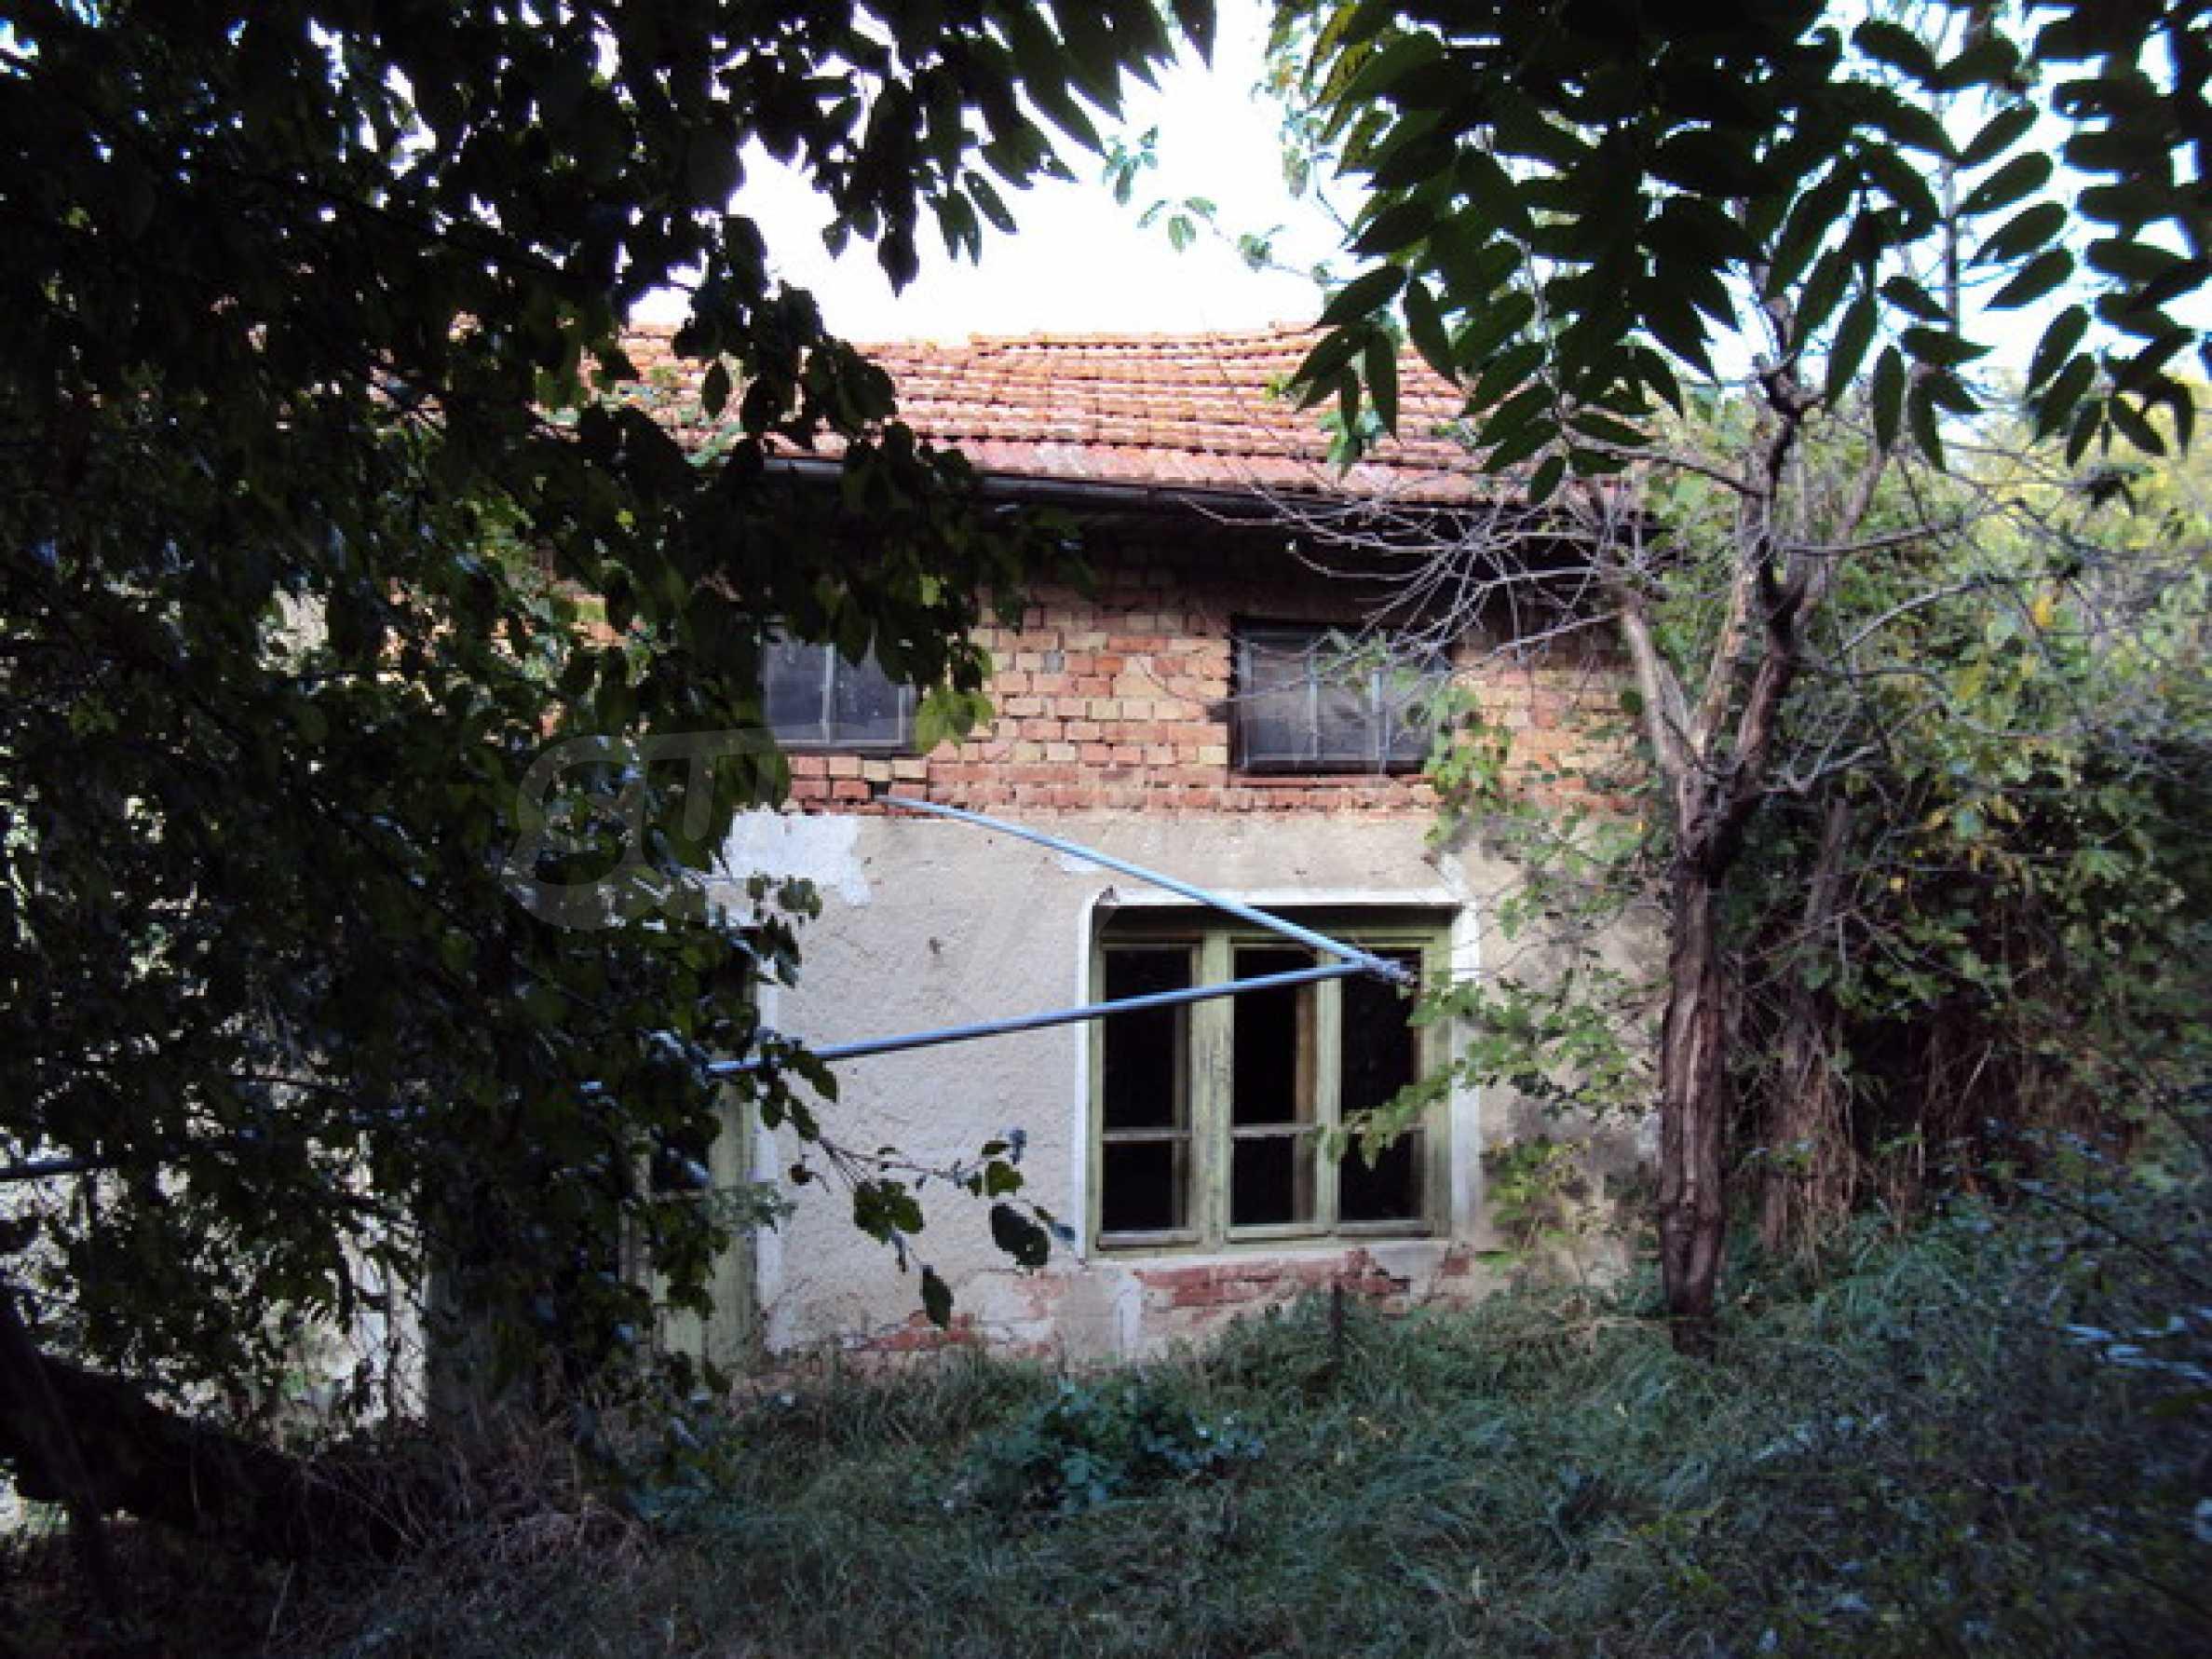 Къща за продажба до Велико Търново 4